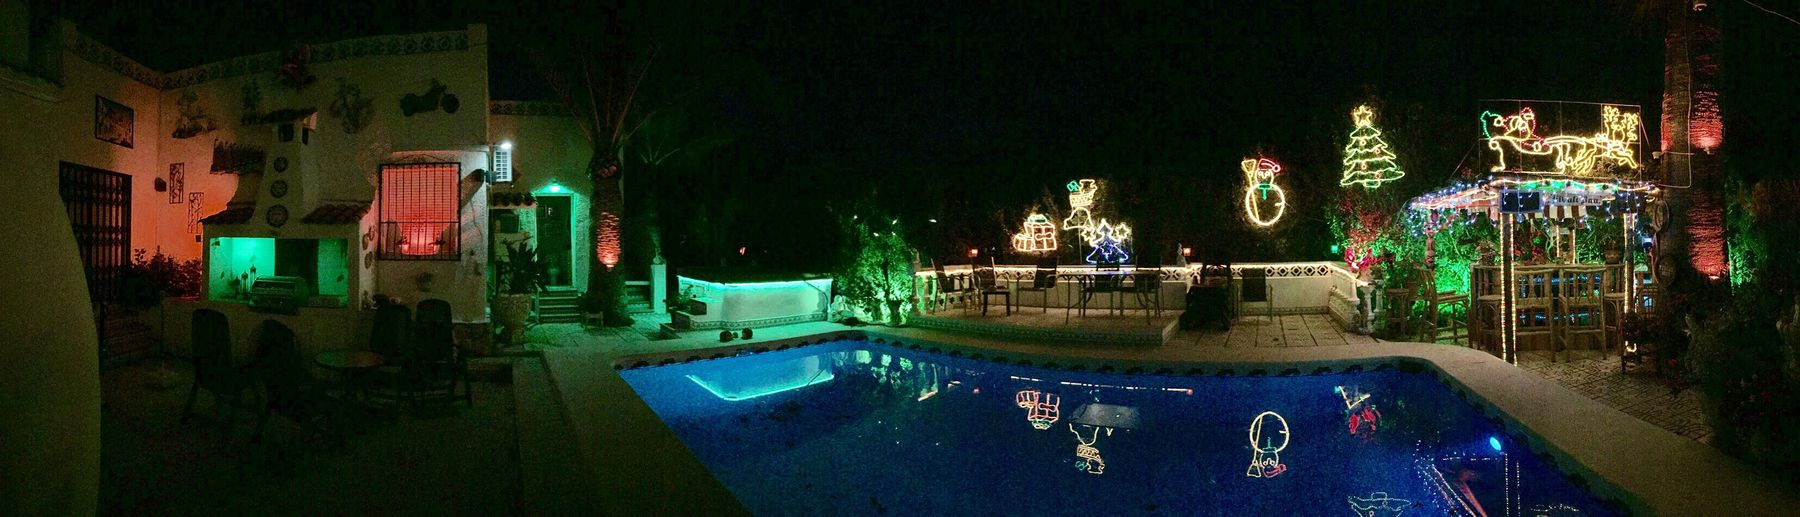 Christmas Lights Gardenlight Christmas Decorations Led Lights   Christmas Navidad